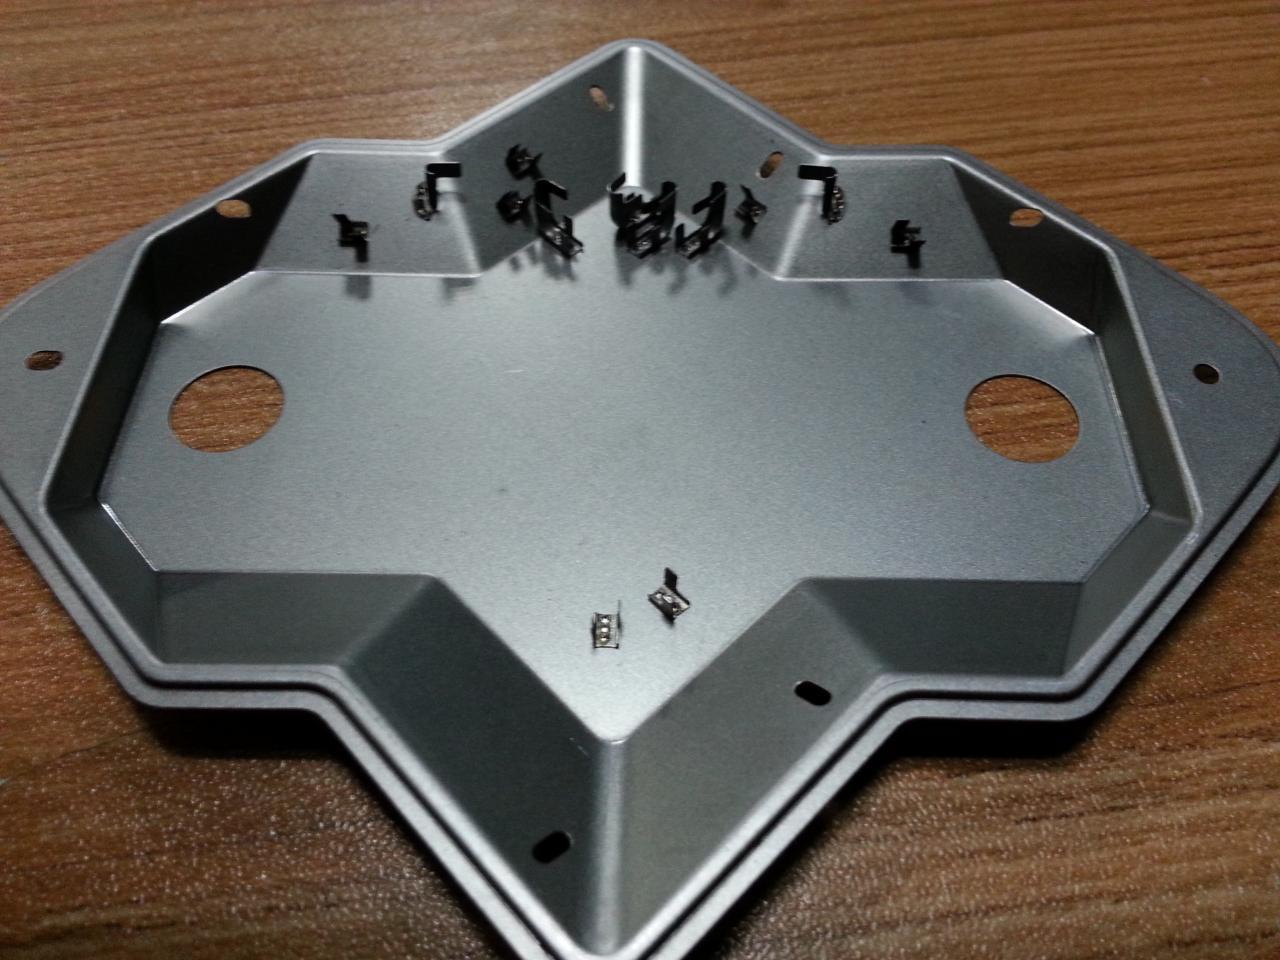 高速振镜机,200/300/400w各类功率自动焊接机),氩弧焊机2台,碰焊机2台